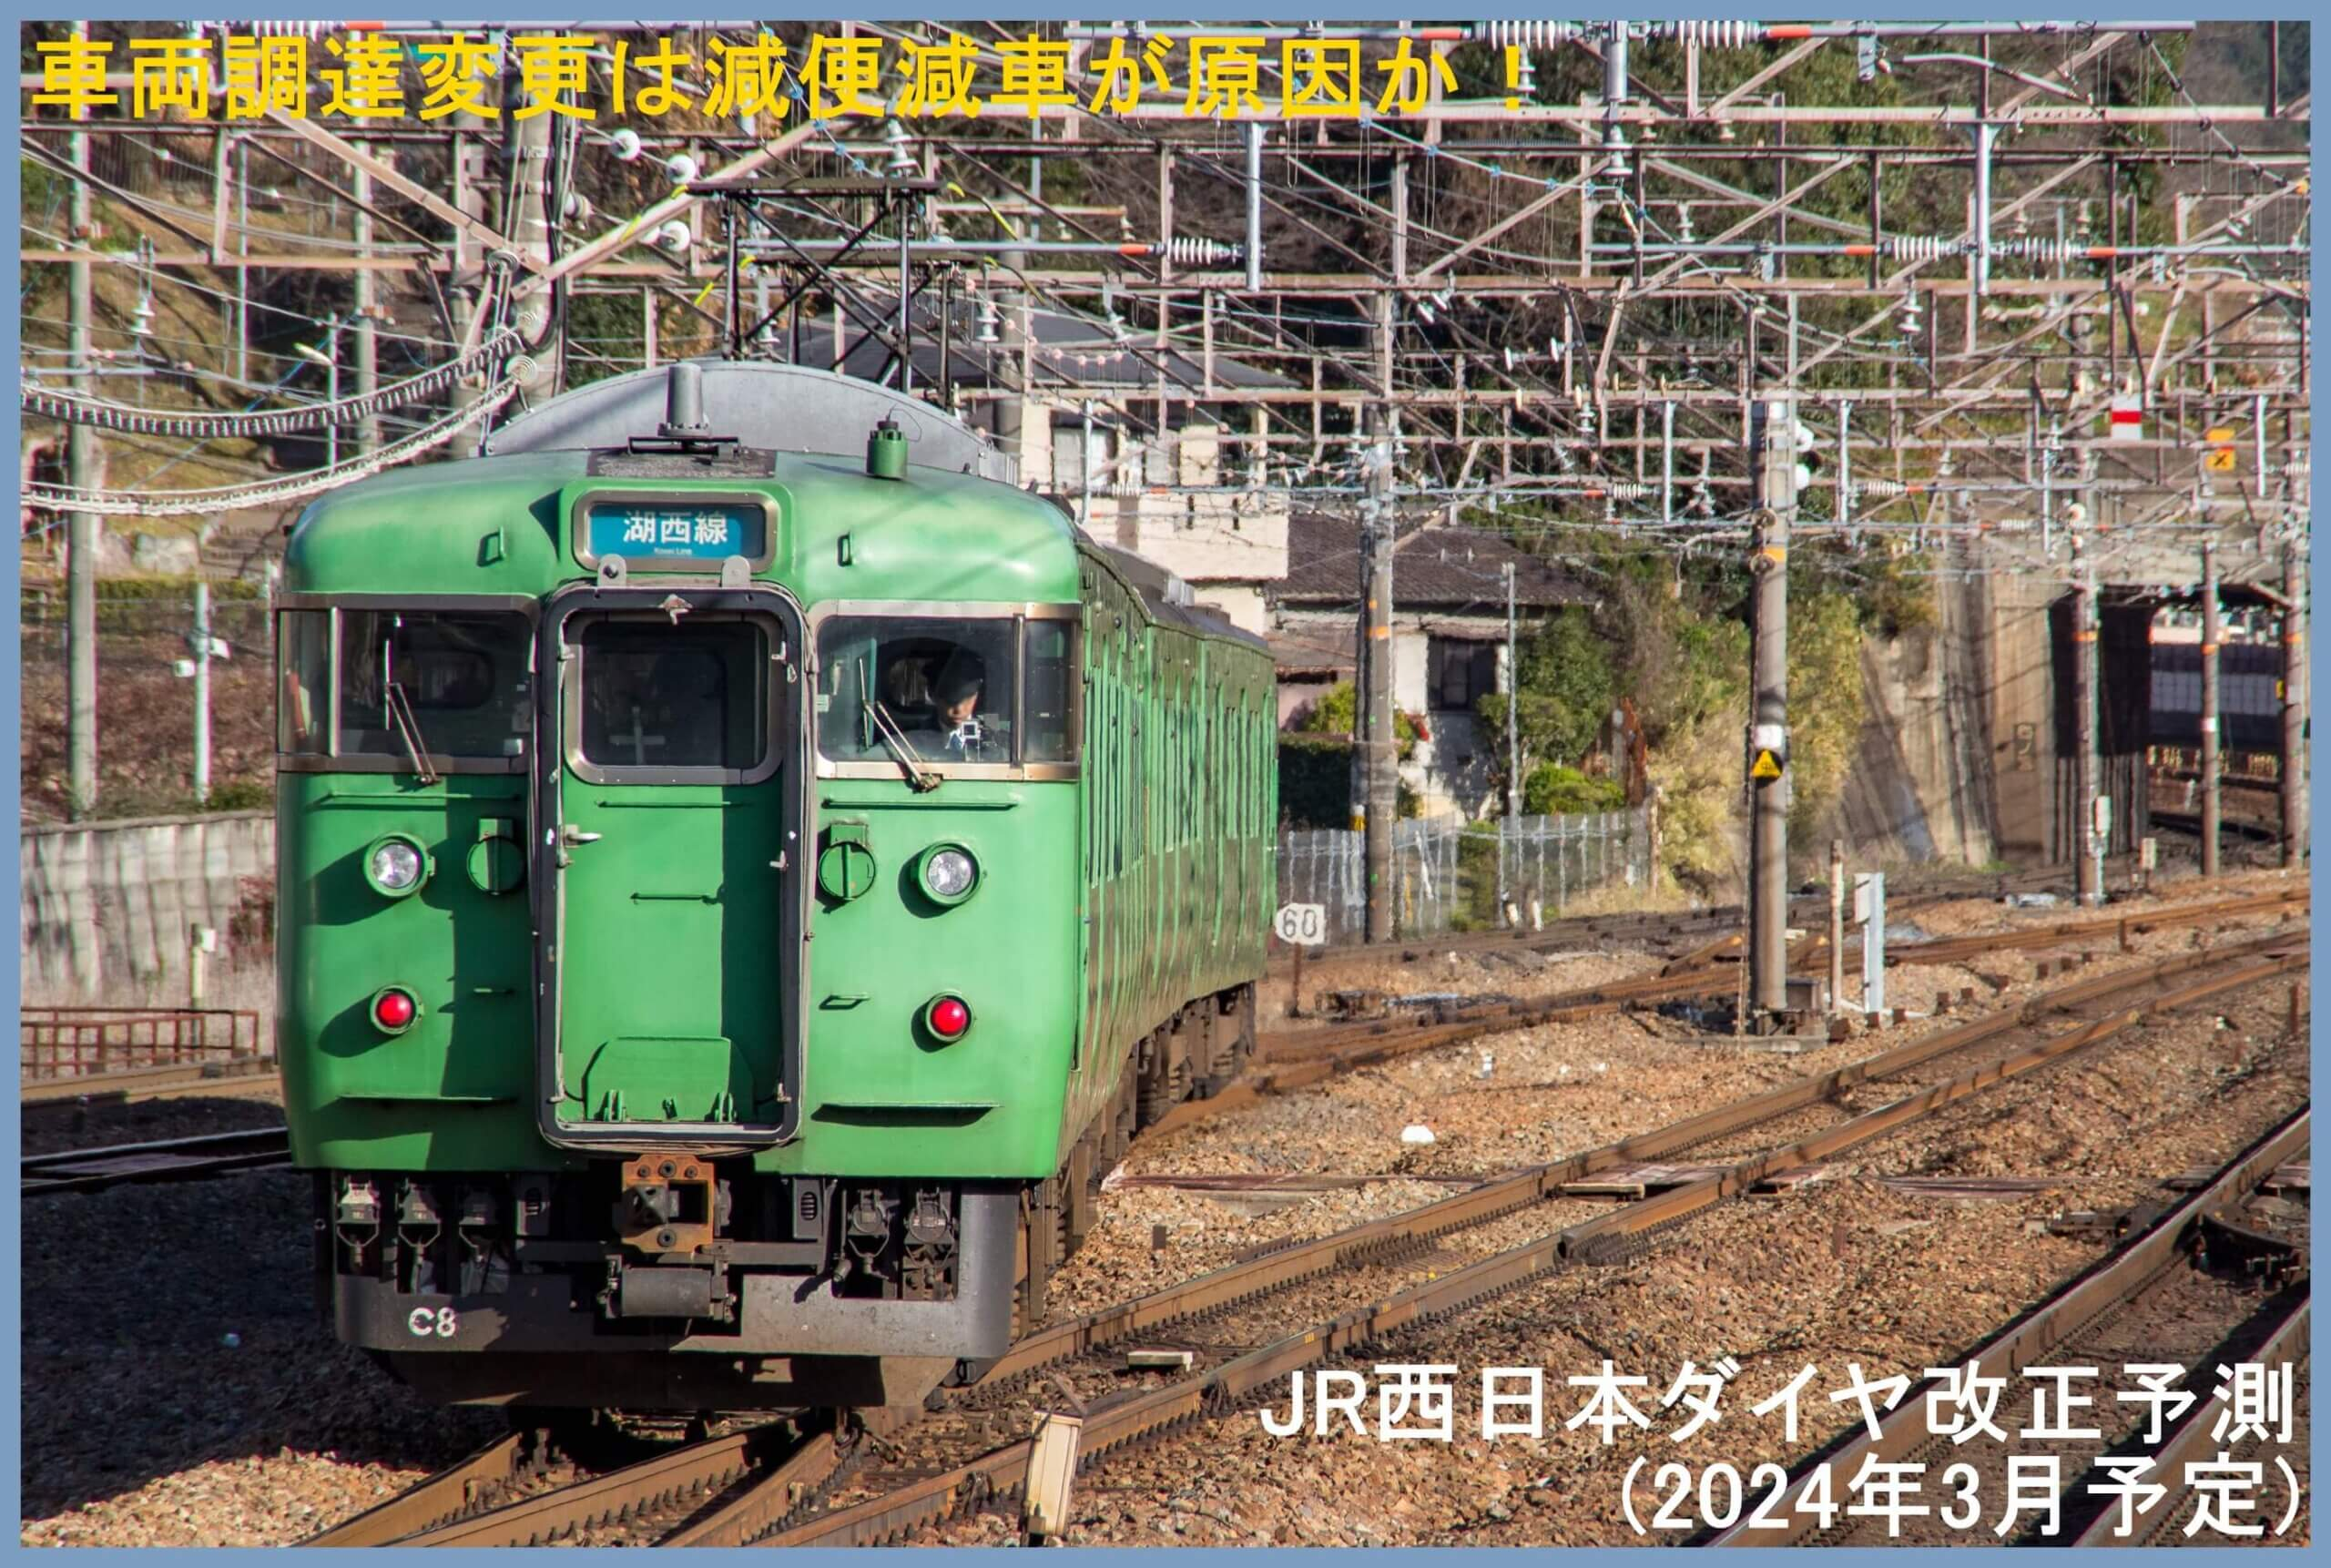 車両調達変更は減便減車が原因か! JR西日本ダイヤ改正予測(2024年3月予定)